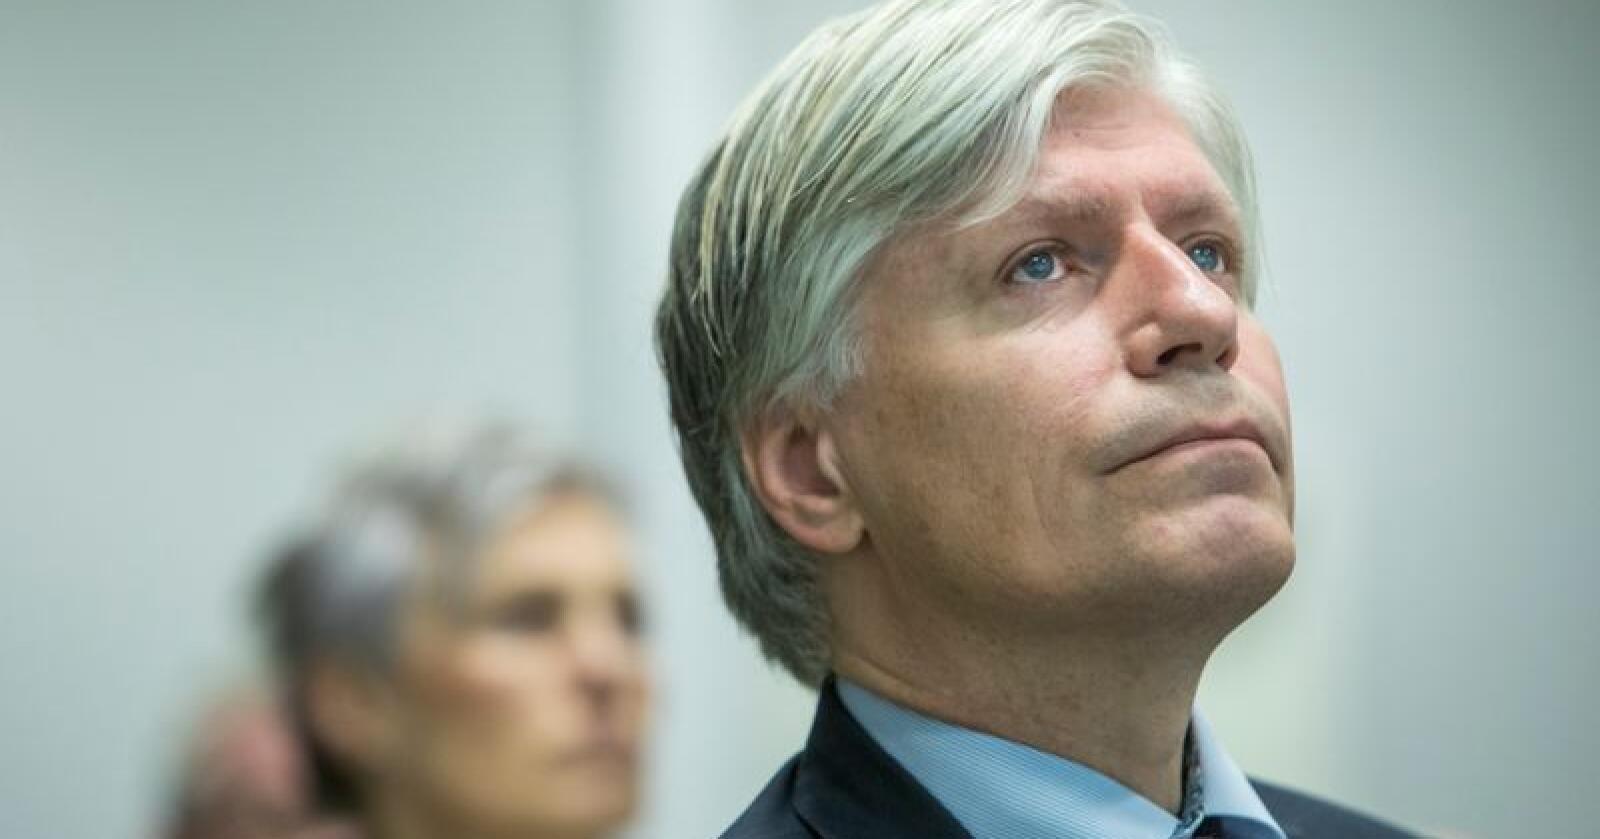 Klima- og miljøminister Ola Elvestuen (V) får kritikk for hemmelighetskremmeri rundt den nye klimaplanen som Norge på frivillig basis skal sende inn til EU. Foto: Ole Berg-Rusten / NTB scanpix